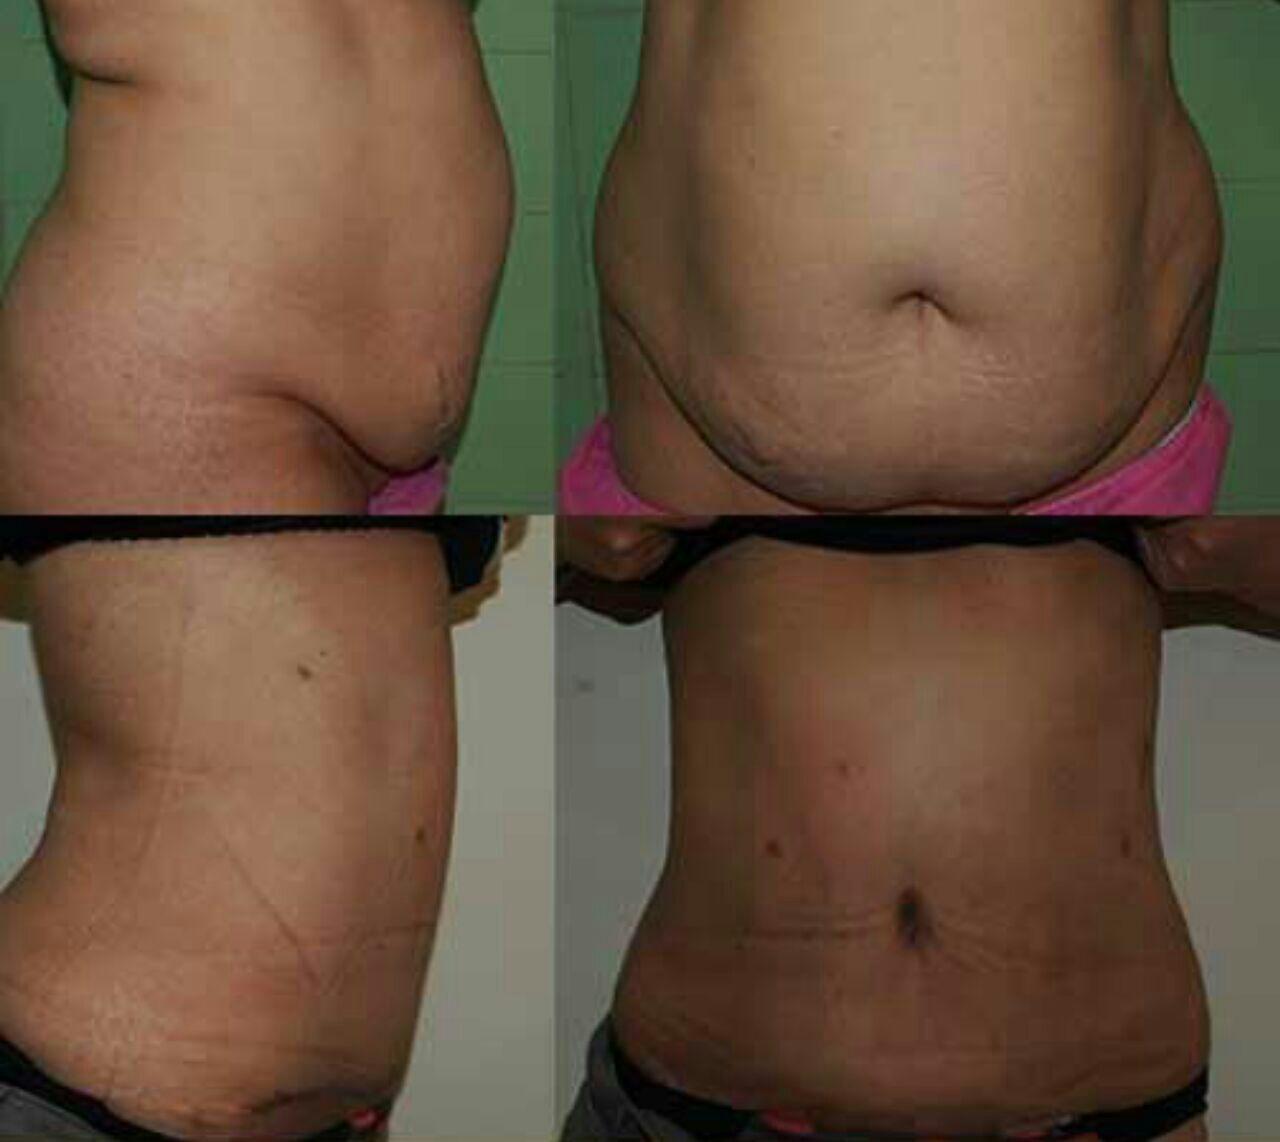 عملية التنحيف و شفط الدهون الزائده من البطن